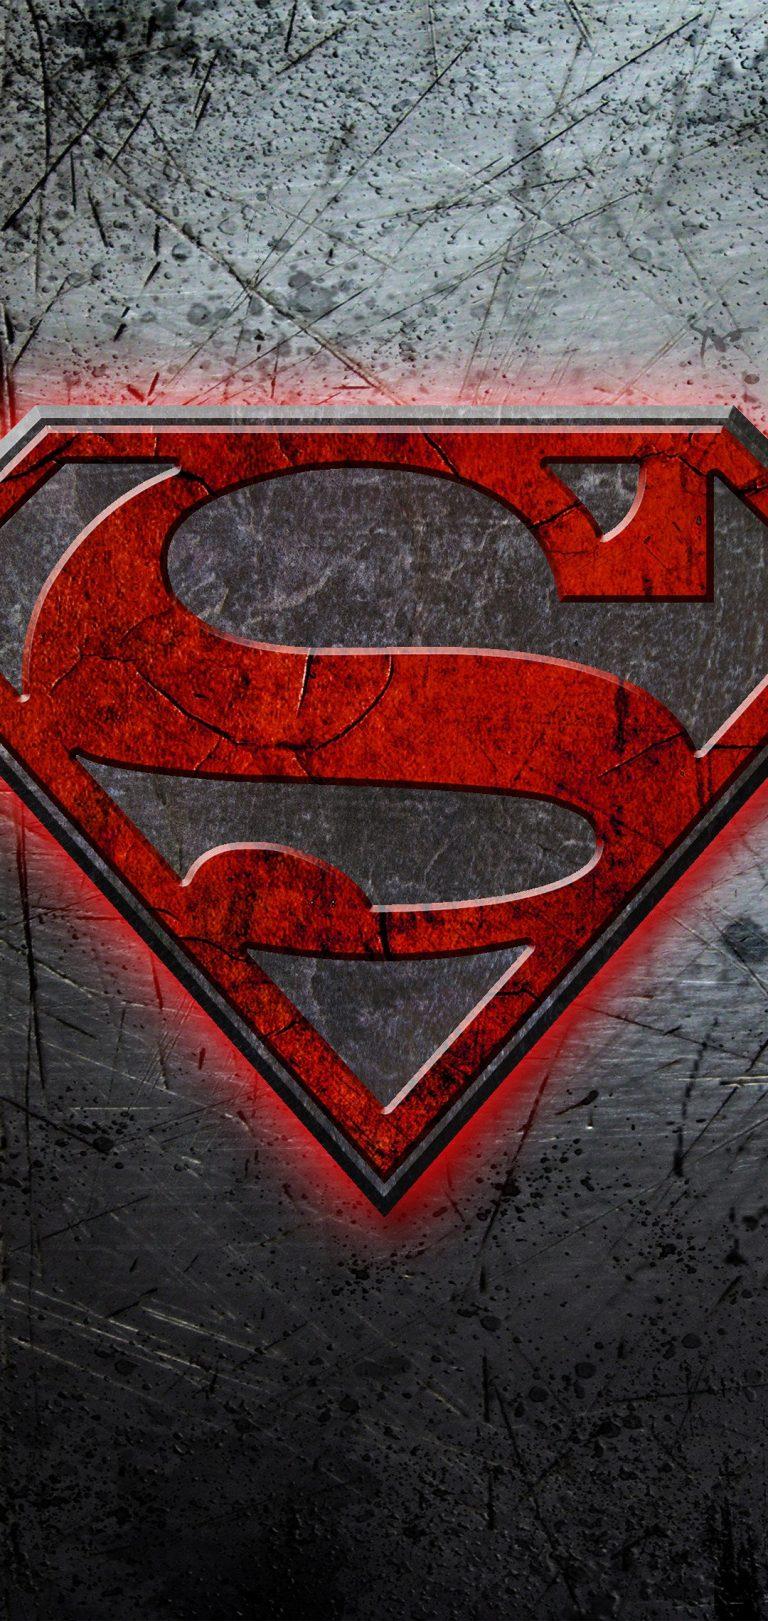 Superman Logo Wallpaper 1080x2280 768x1621